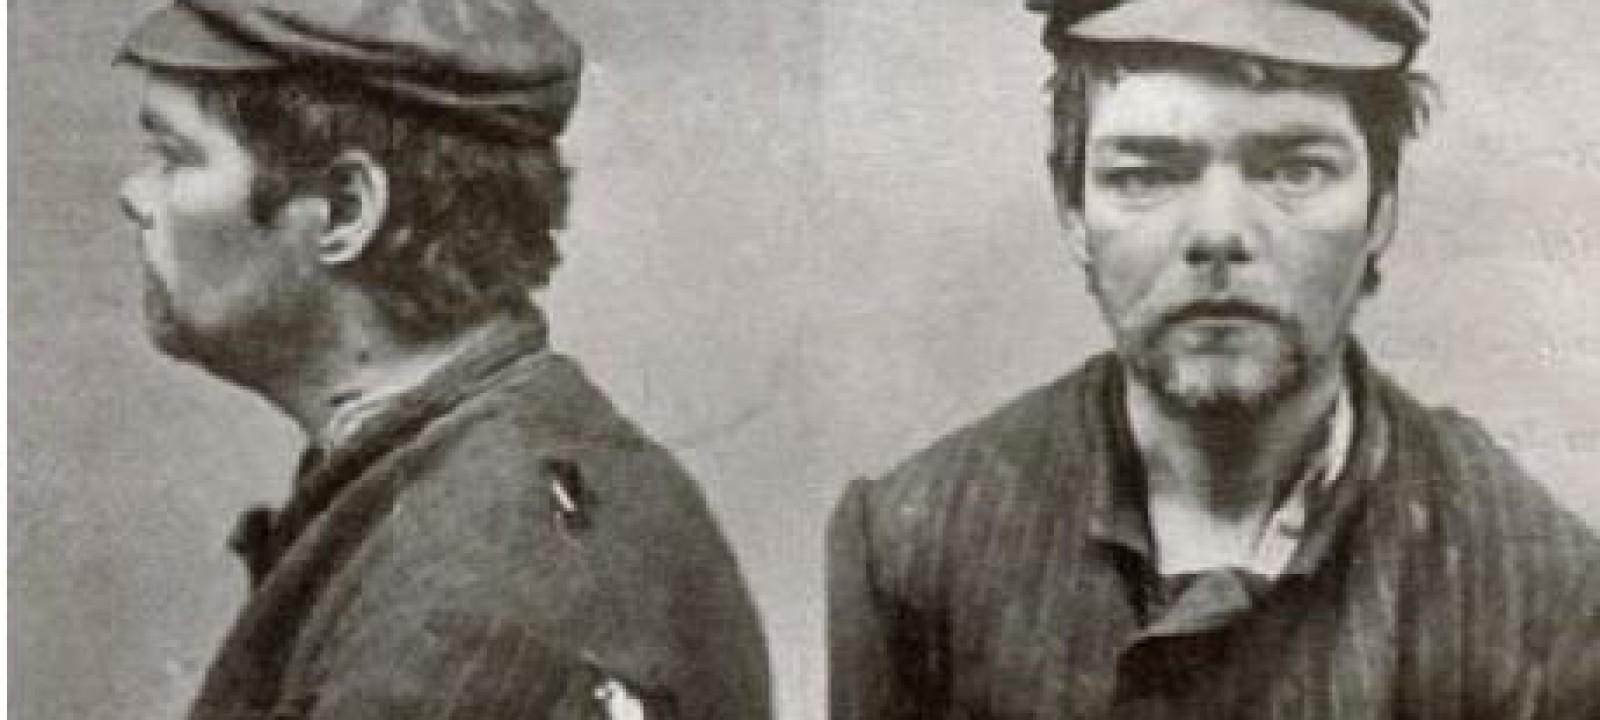 Victorian Mug Shot, 1